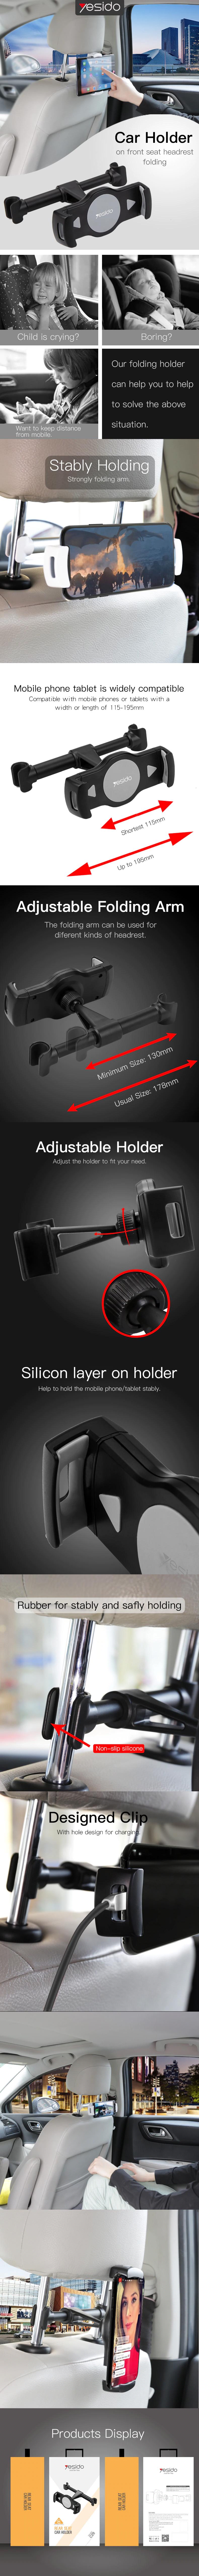 پایه نگهدارنده گوشی موبایل و تبلت صندلی عقب خودرو یسیدو مدل C29